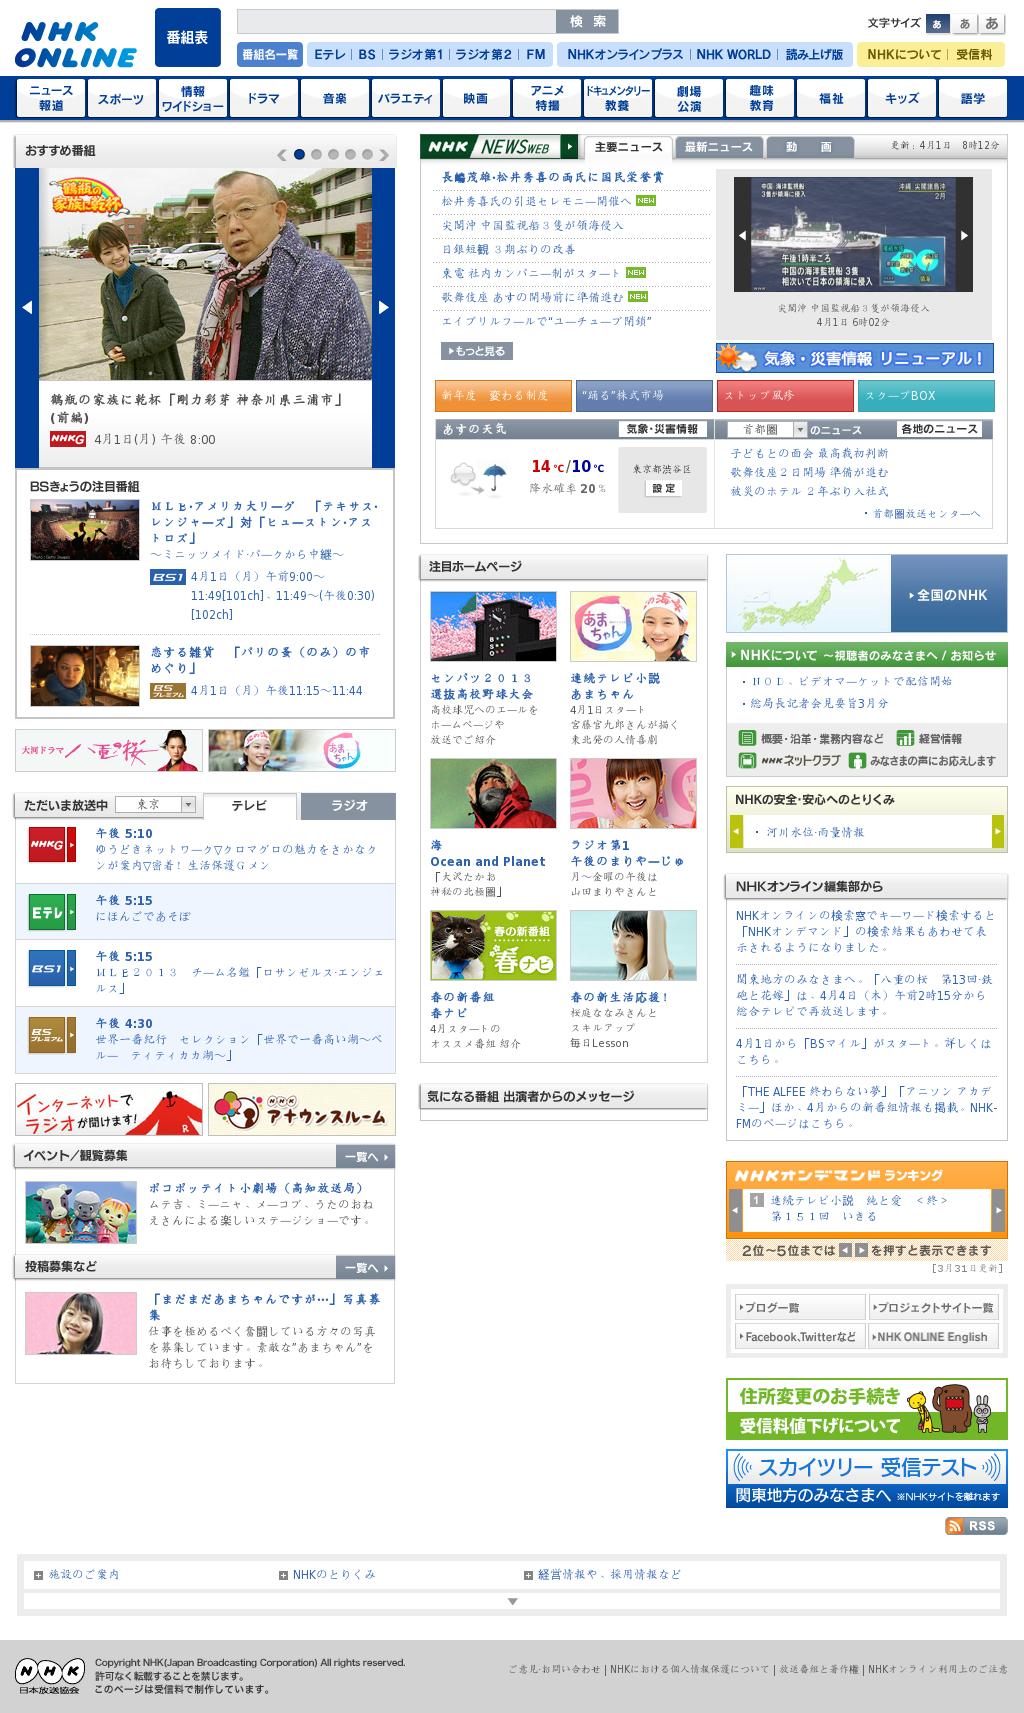 NHK Online at Monday April 1, 2013, 8:16 a.m. UTC